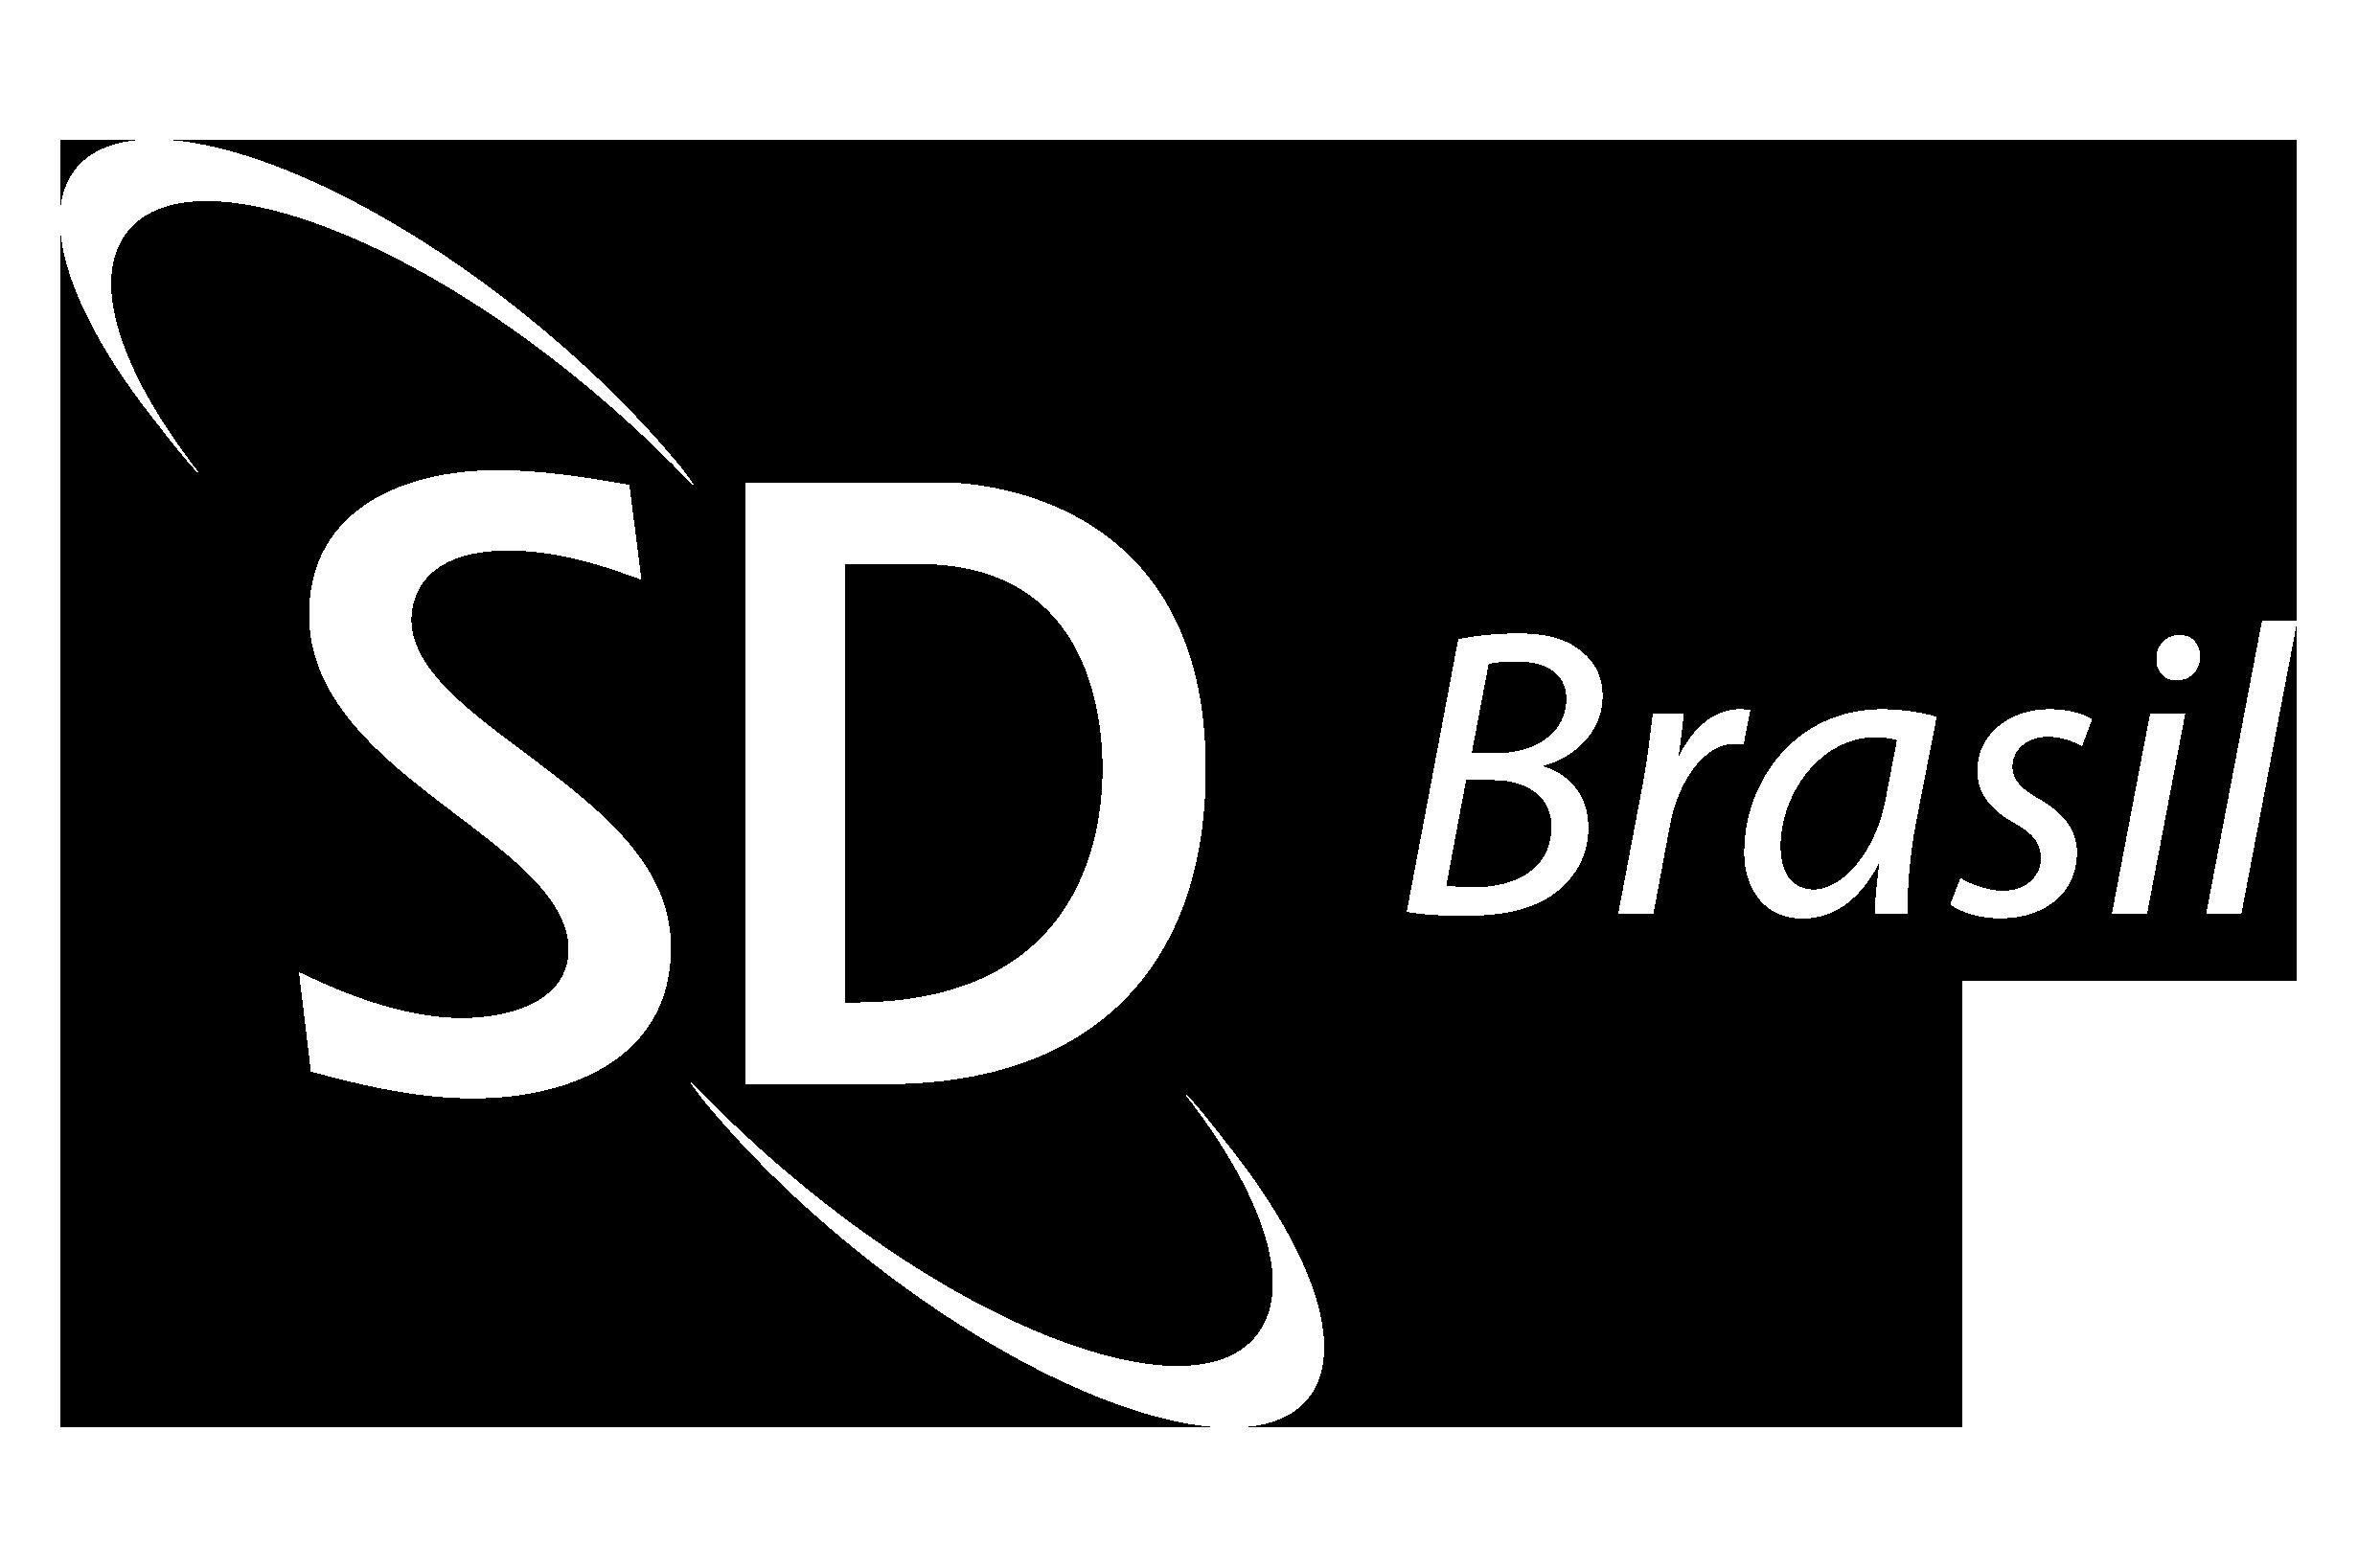 SD BRASIL